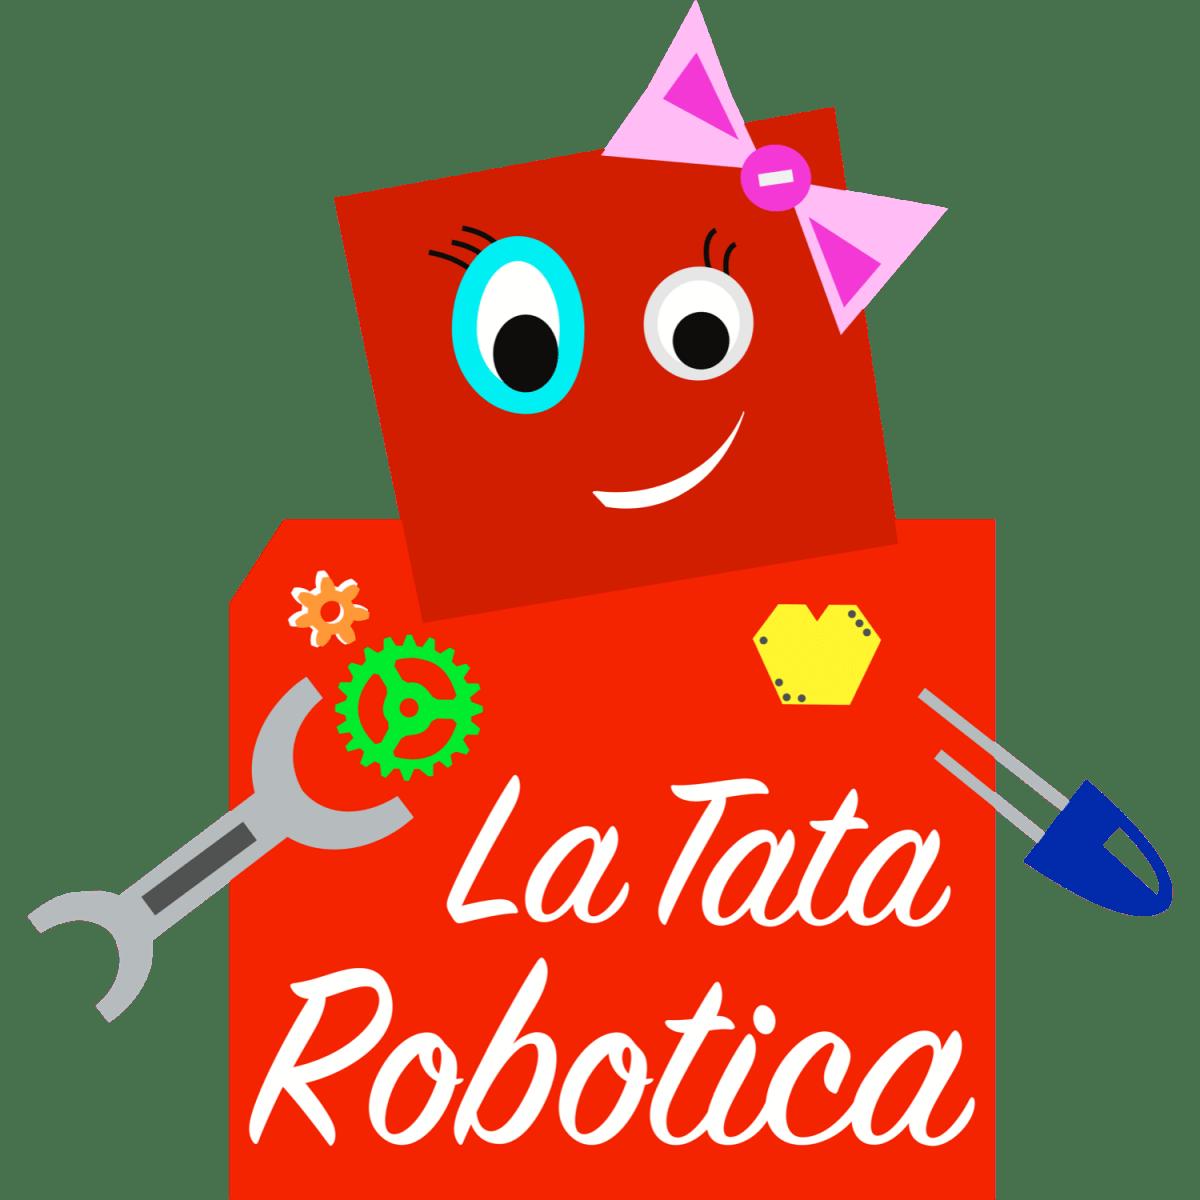 Latatarobotica